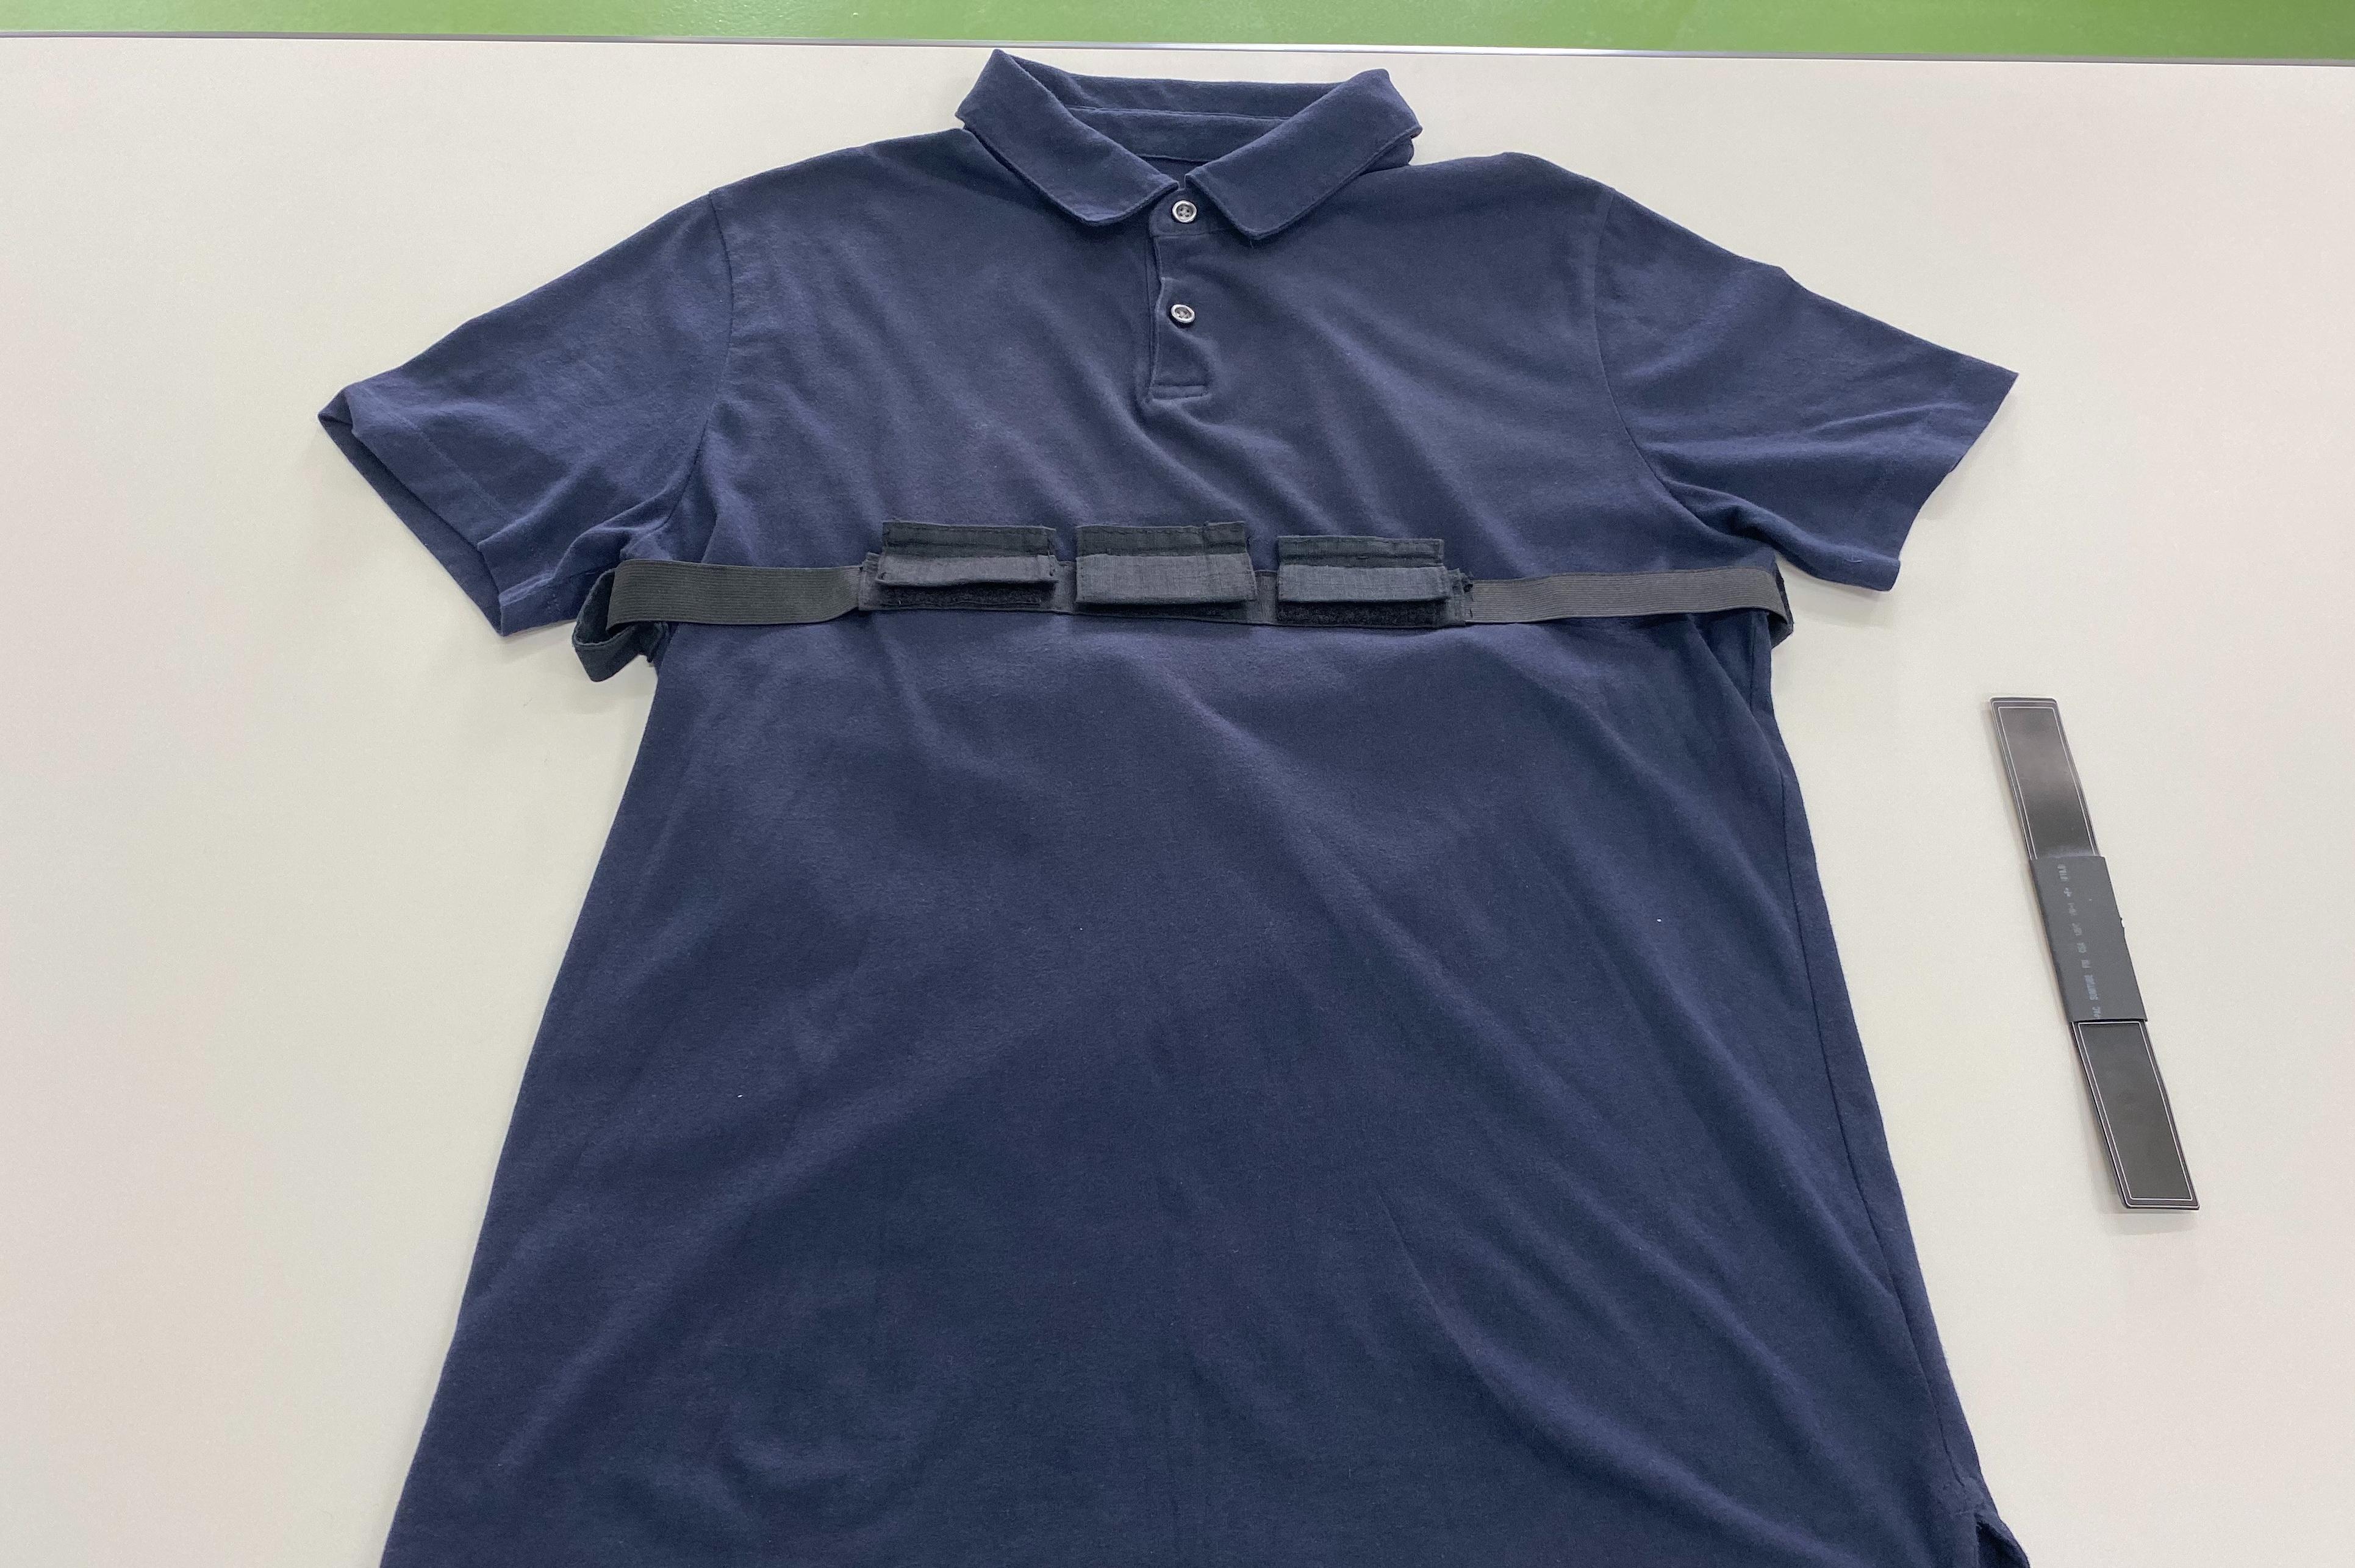 非接觸式心電感測智慧衣2